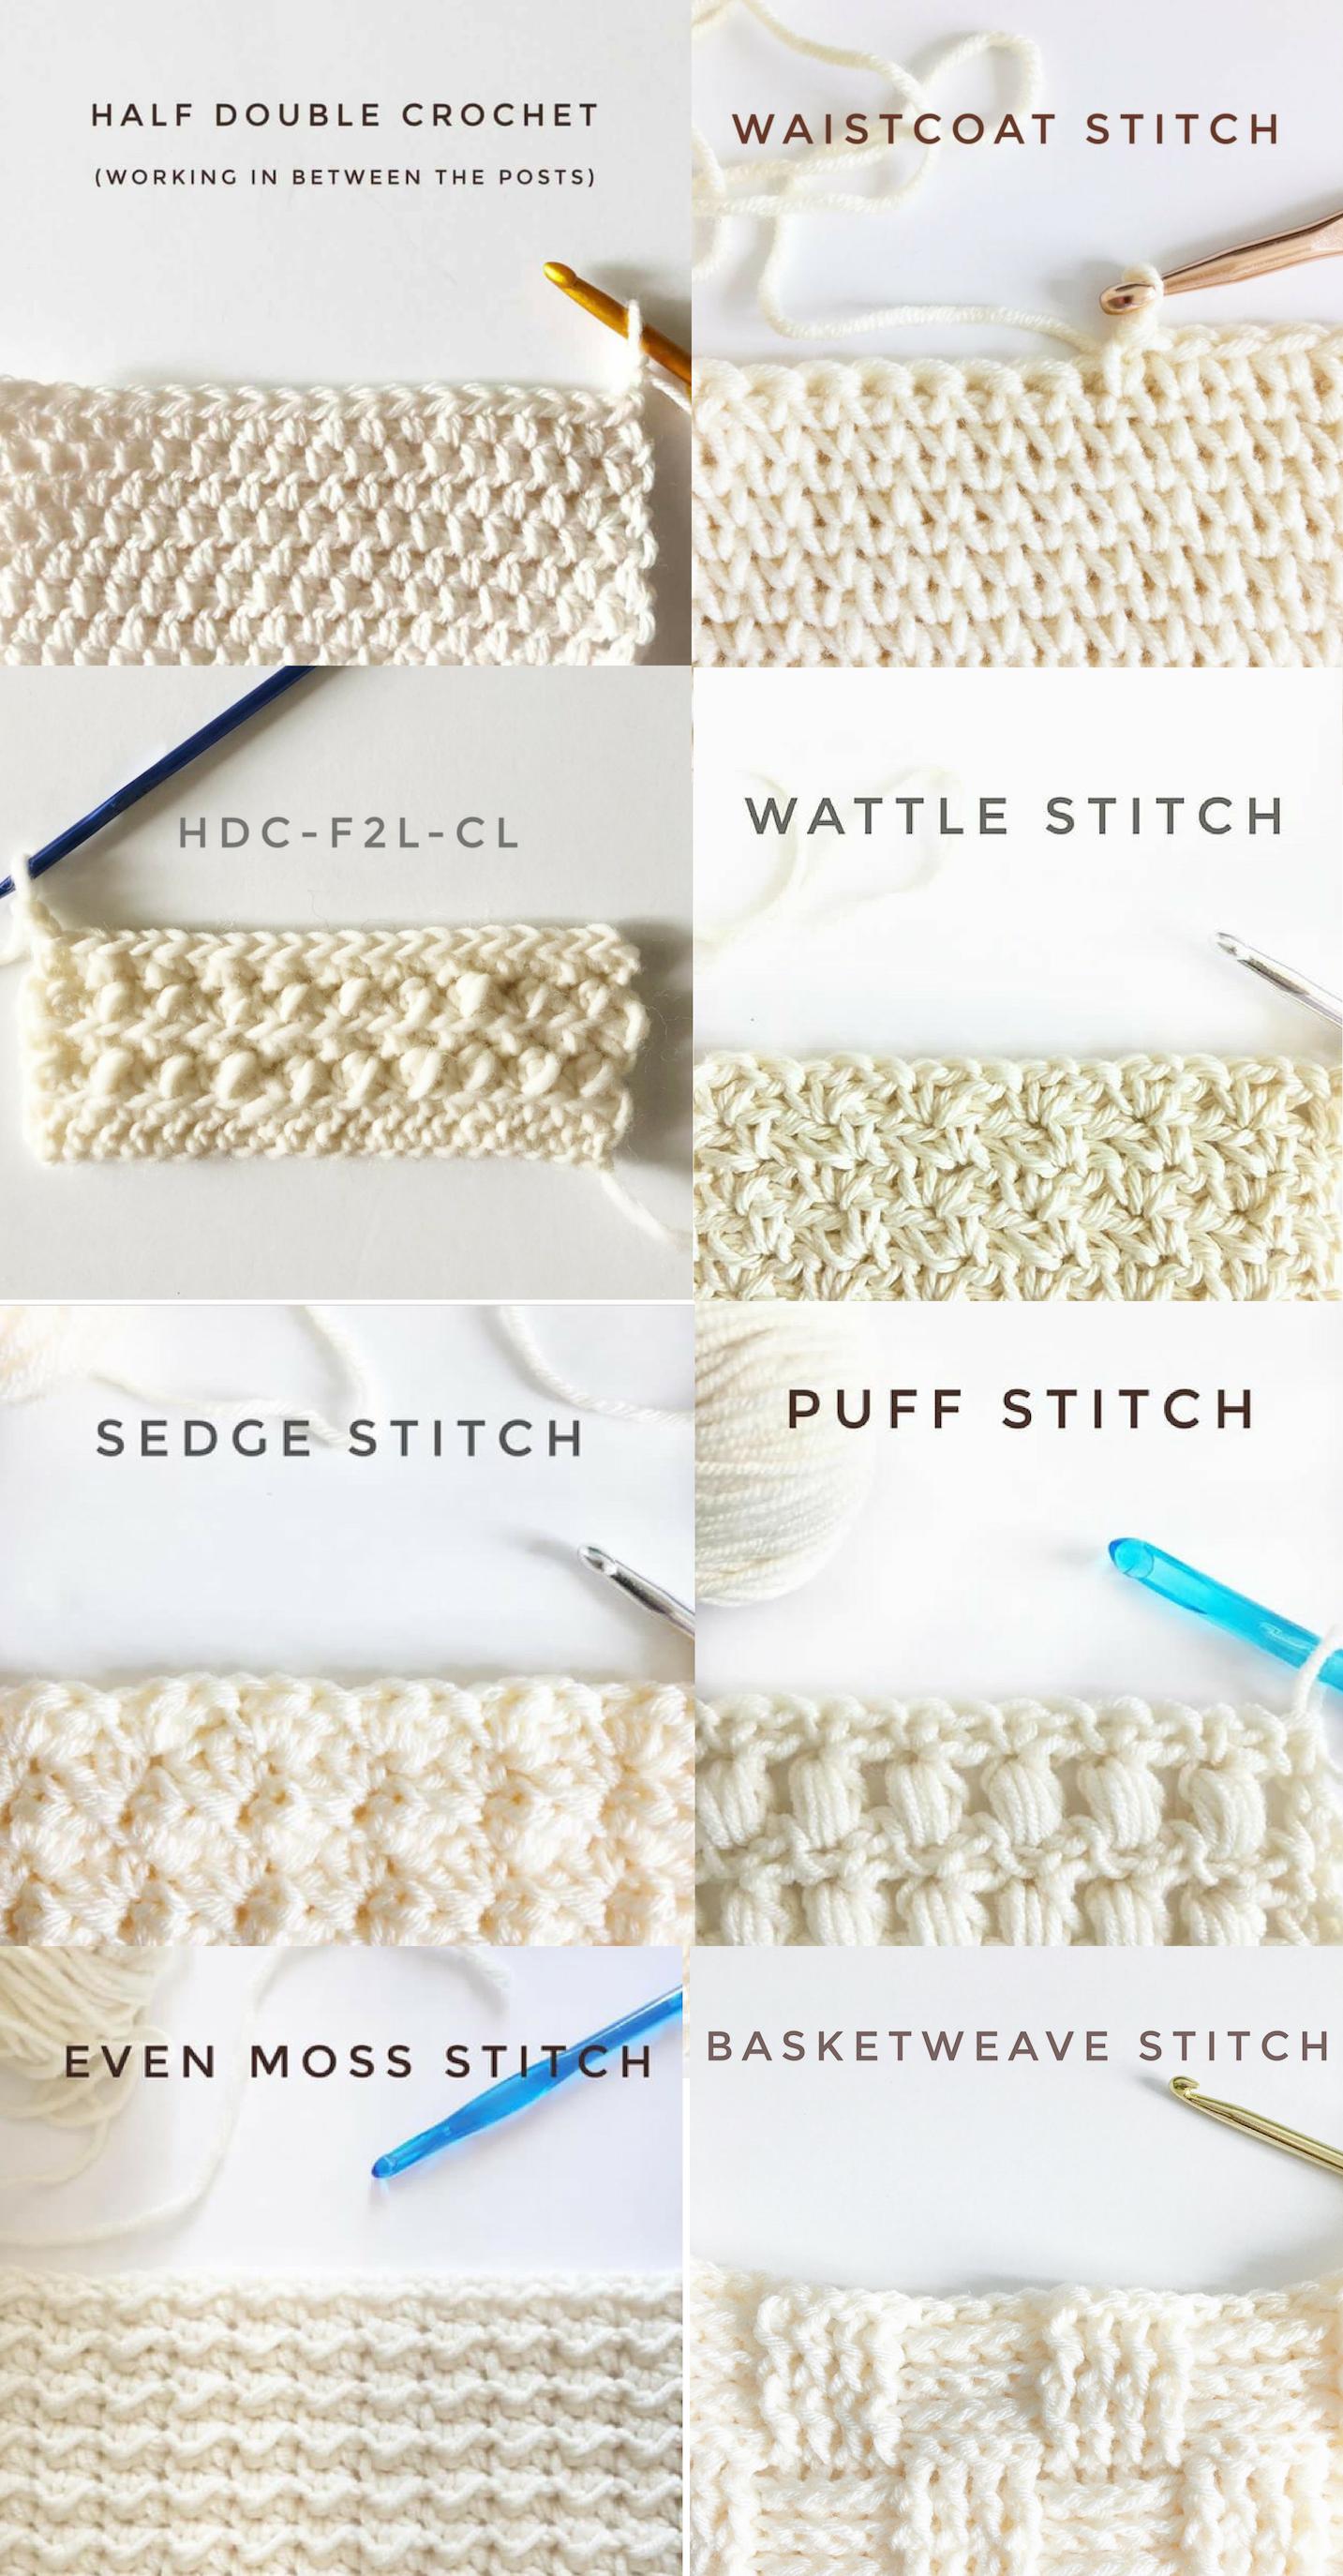 40 Free Crochet Stitches 40 Free Crochet Stitches Crochet Techniques crochet techniques and tips